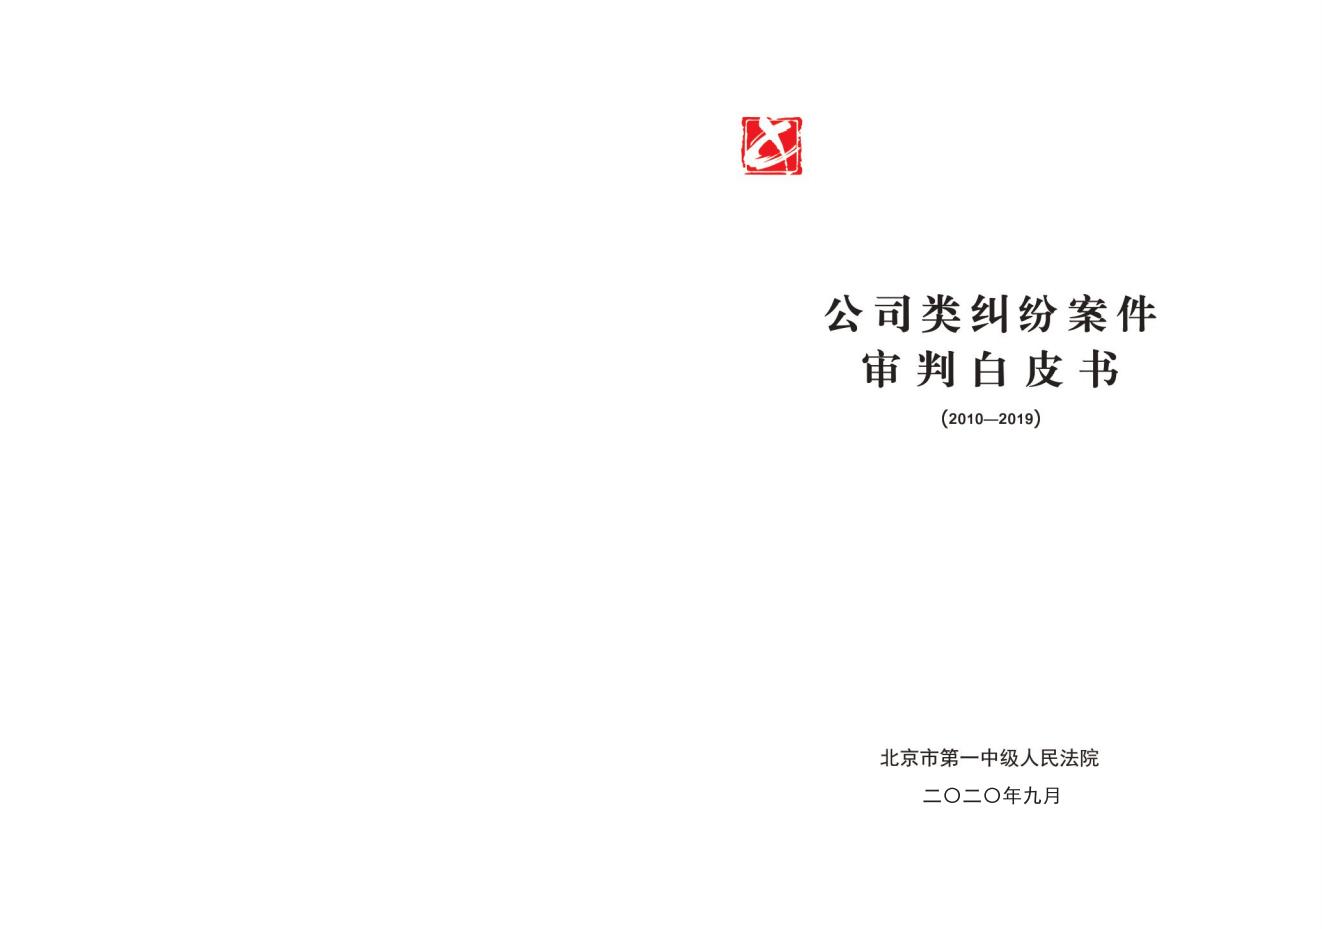 北京一中院:2010-2019年公司类纠纷案件审判白皮书(附下载)